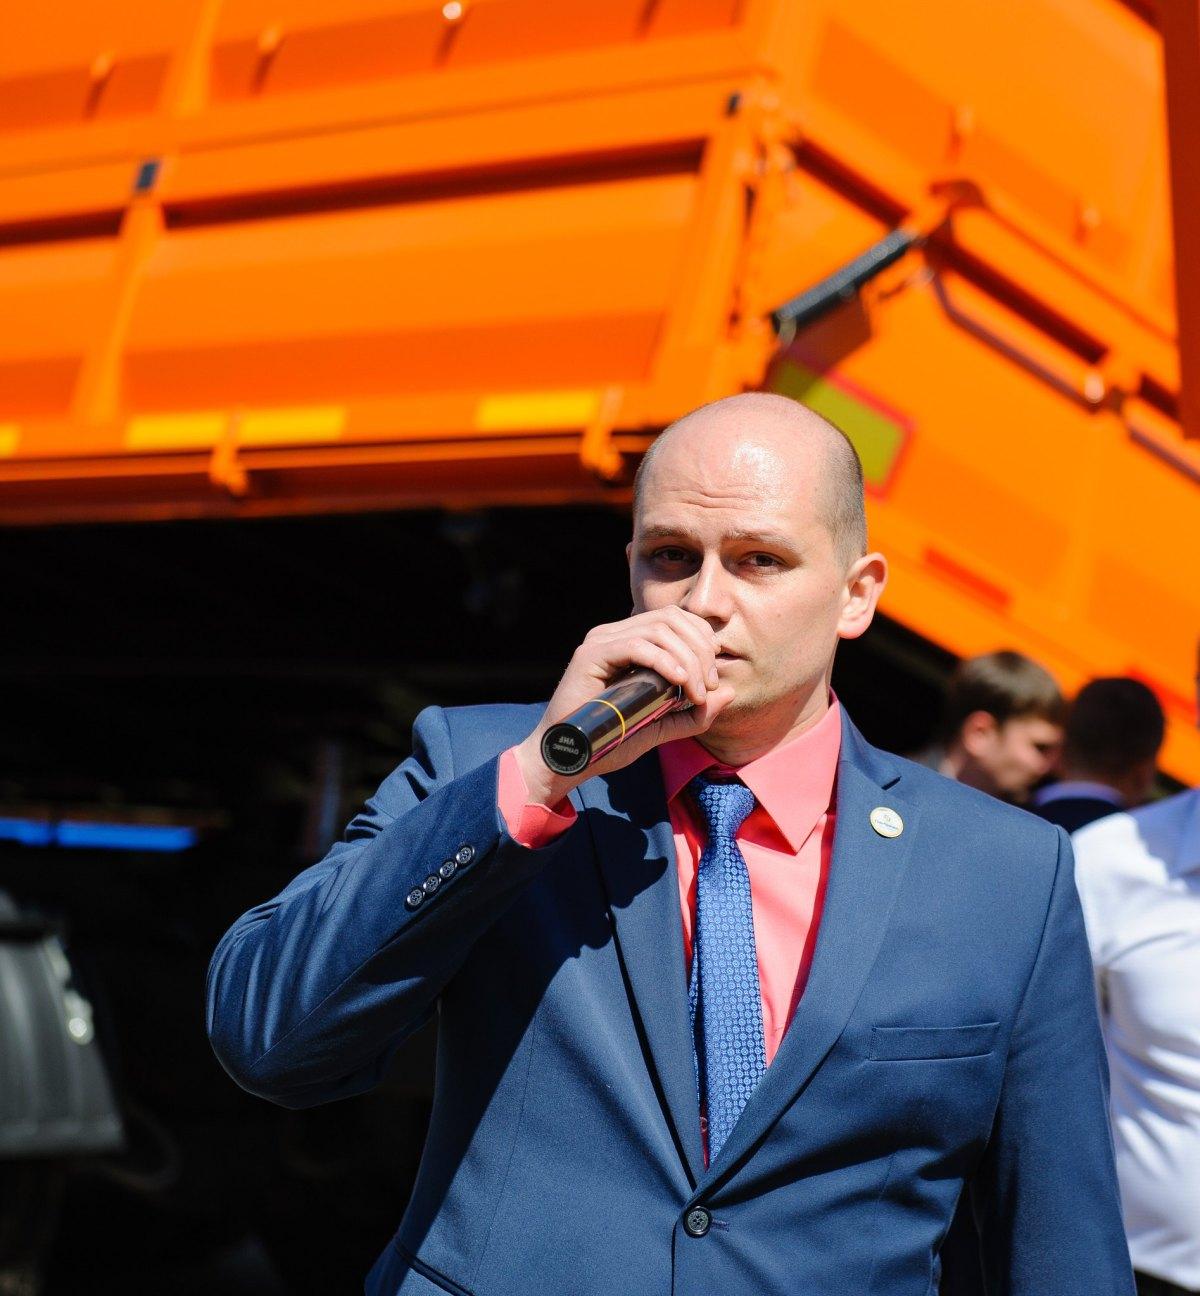 Илья Демченко, главный конструктор завода «СтавПрицеп»